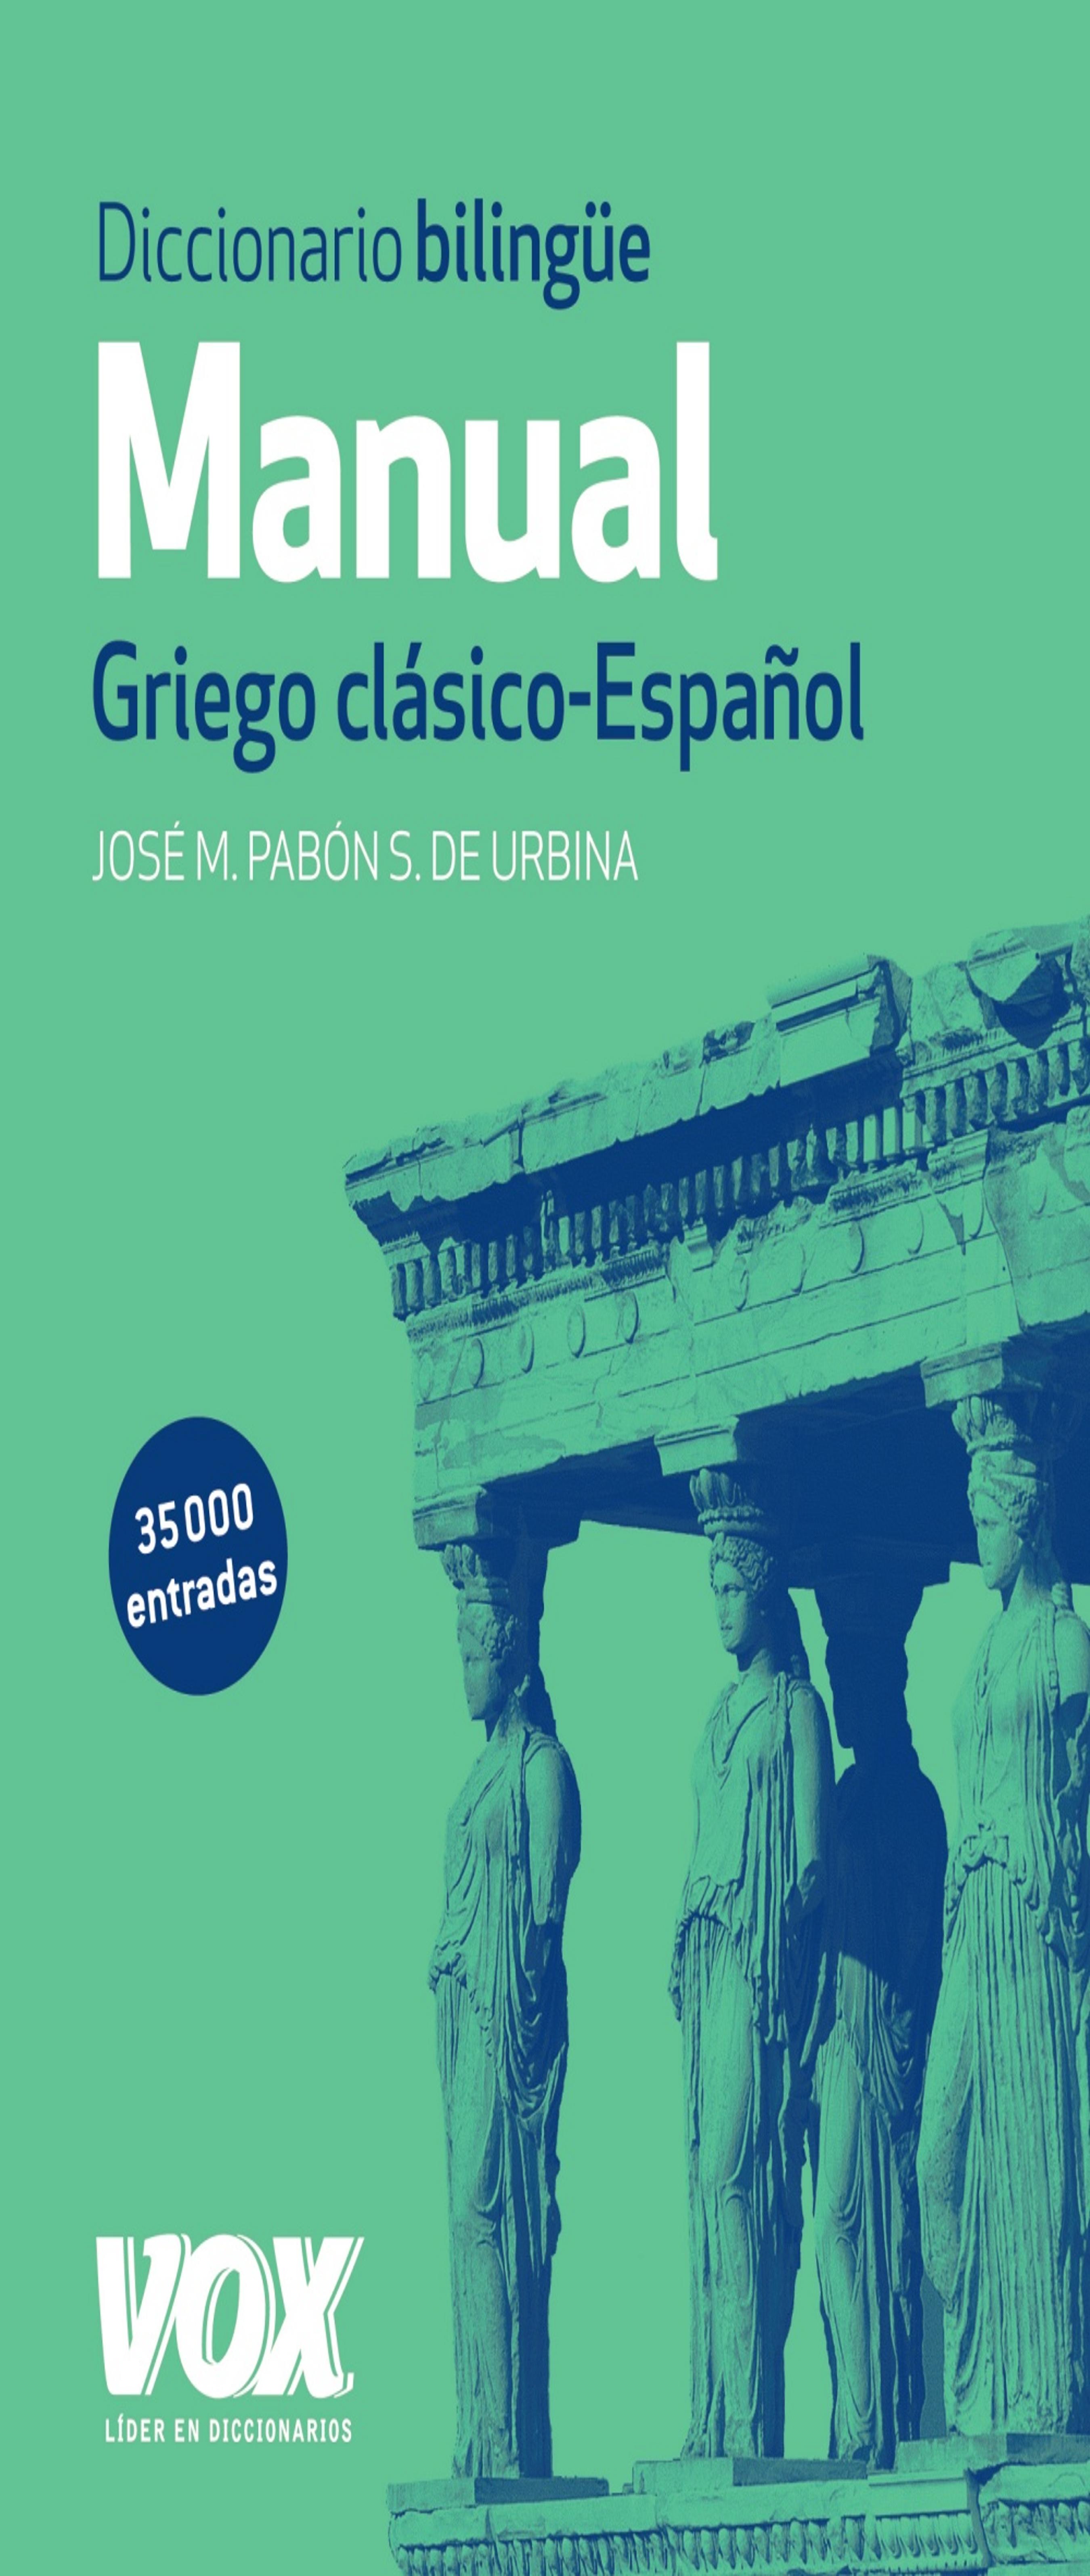 DICC MANUAL VOX GRIEGO CLÁSICO - ESPAÑOL N/E